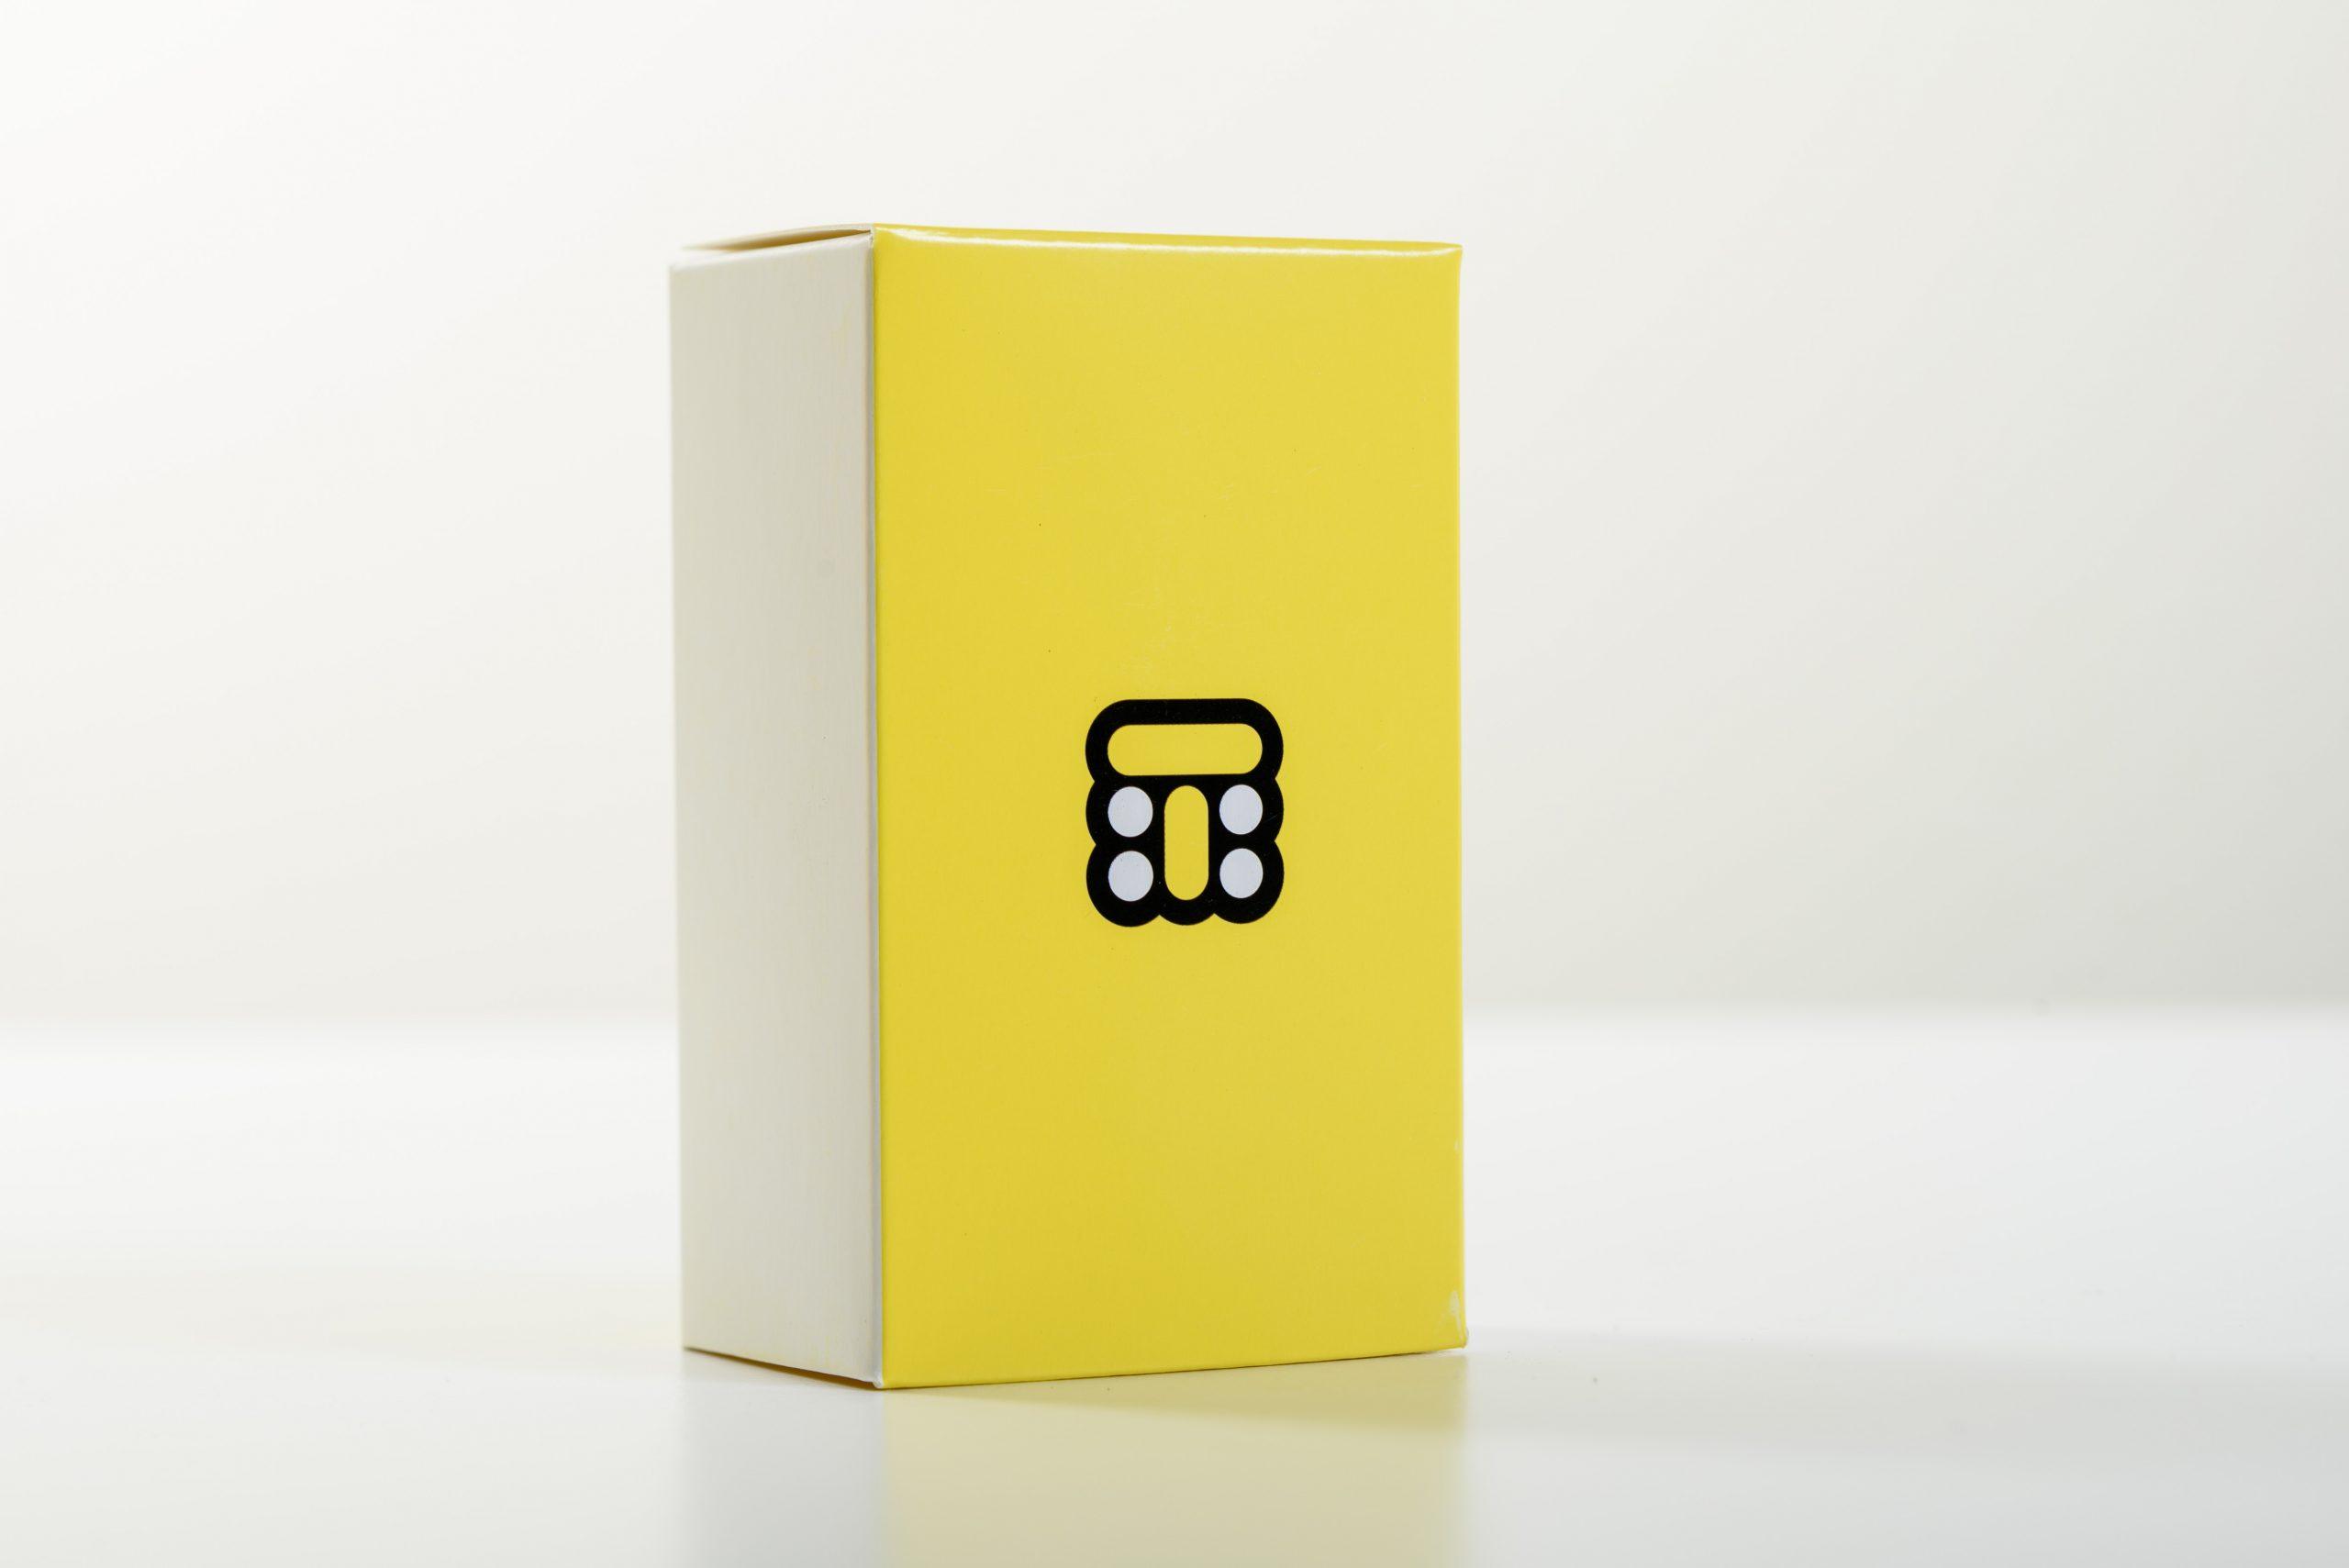 κουτί συσκευασίας